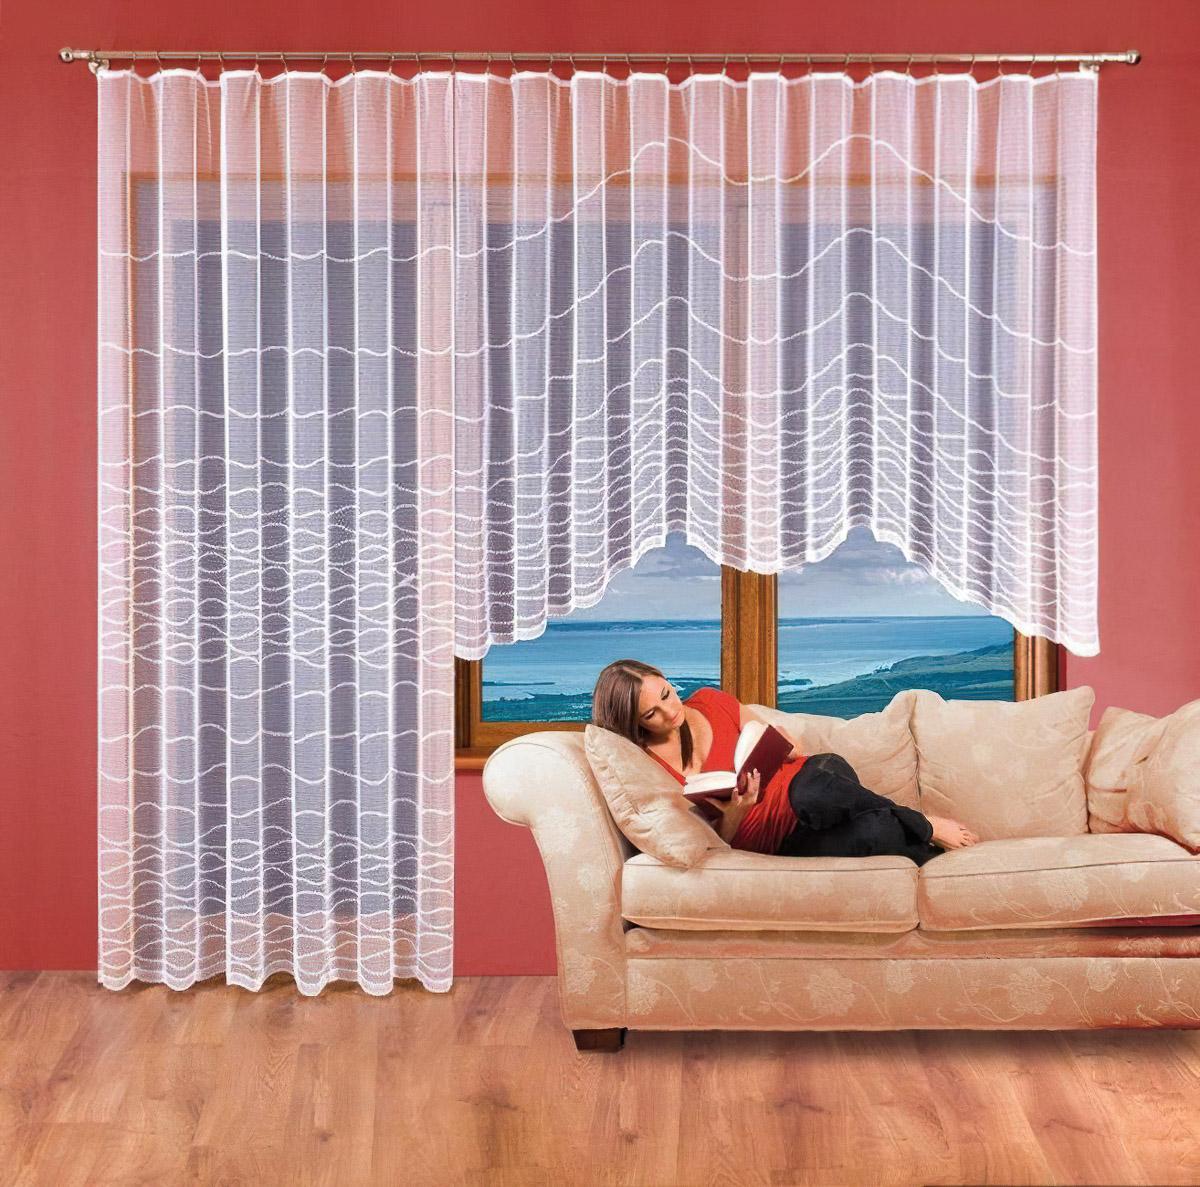 Forbyt Kusová záclona ANETA jednobarevná bílá, výška 160 cm x šířka 350 cm + výška 250 cm x šířka 200 cm (balkonový set)